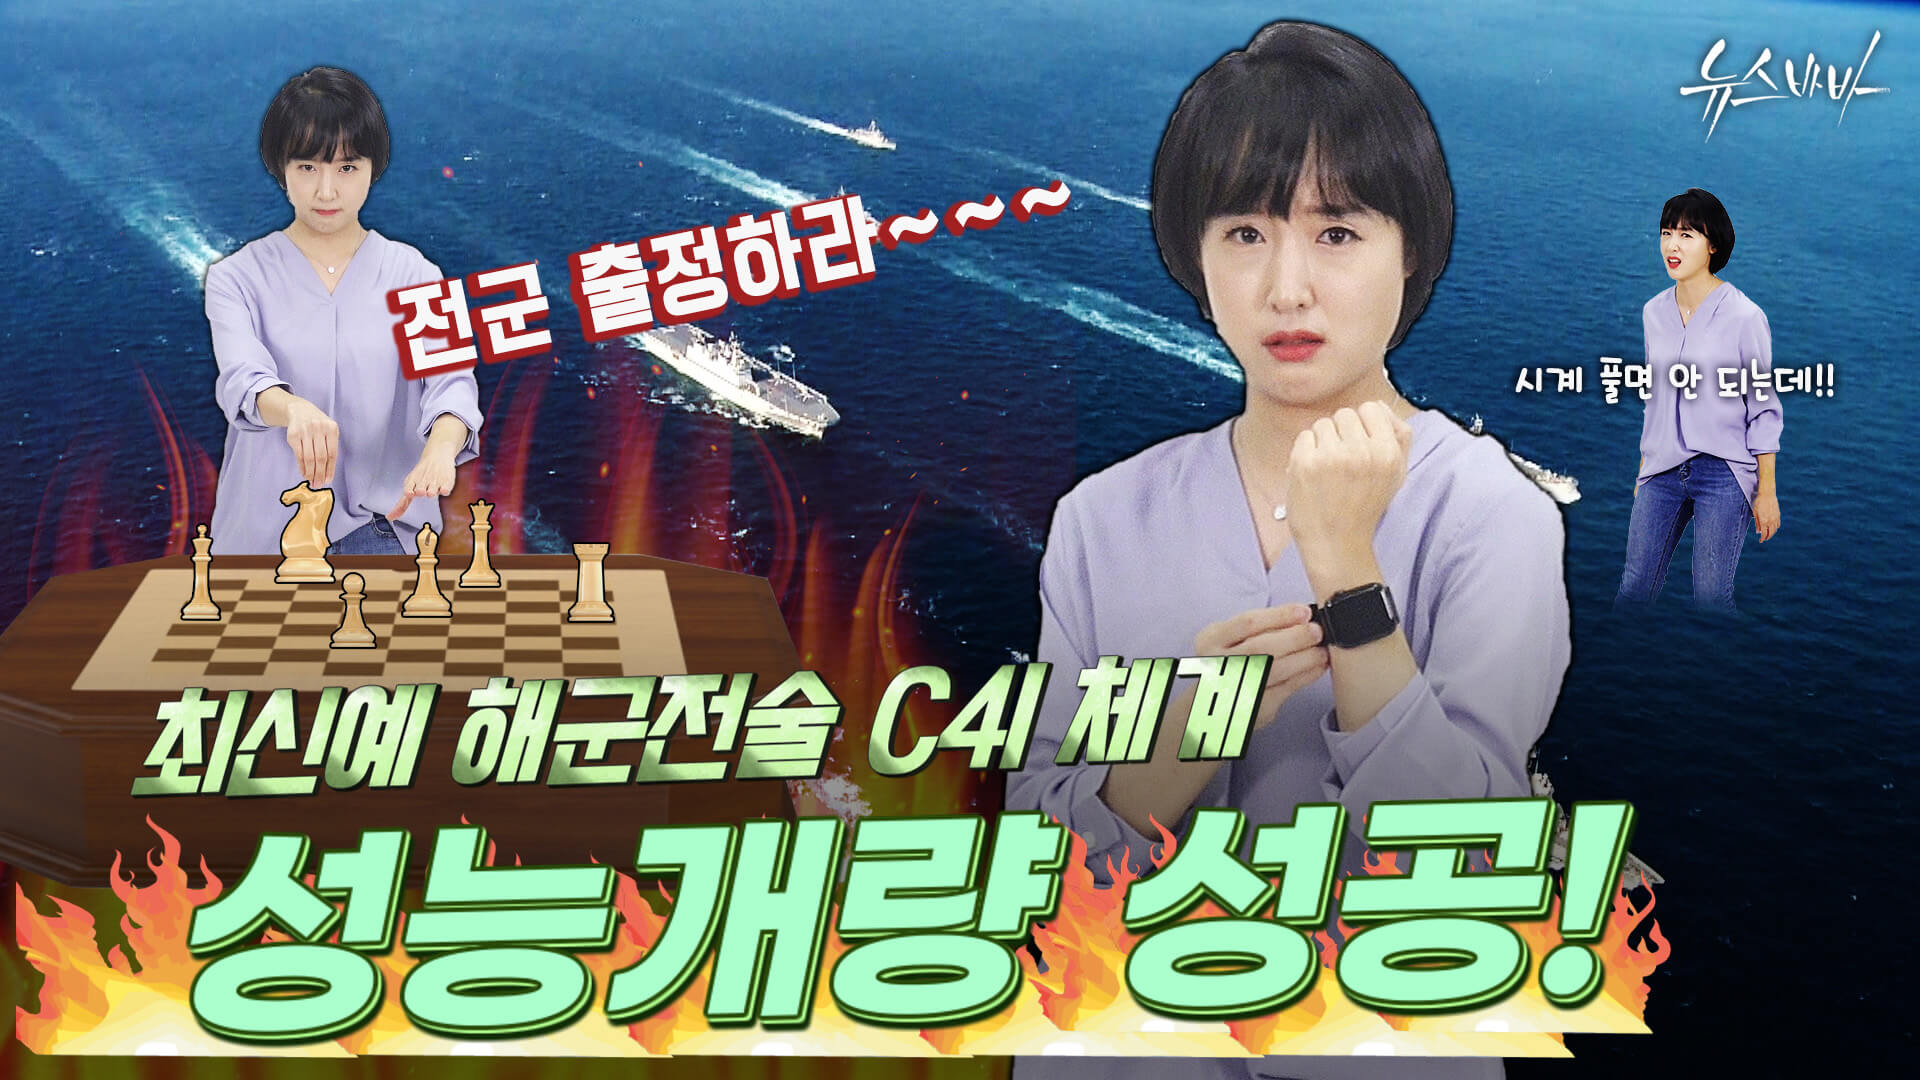 [뉴스바바] 해군전술 C4I 체계,